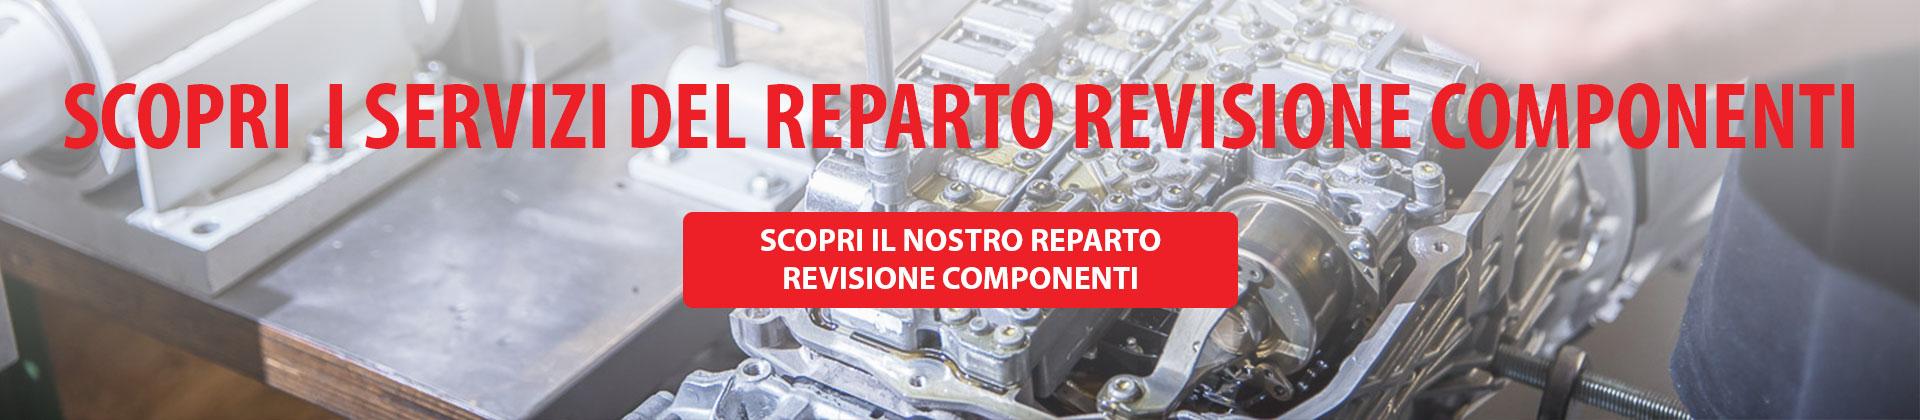 REPARTO-REVISIONE-COMPONENTI